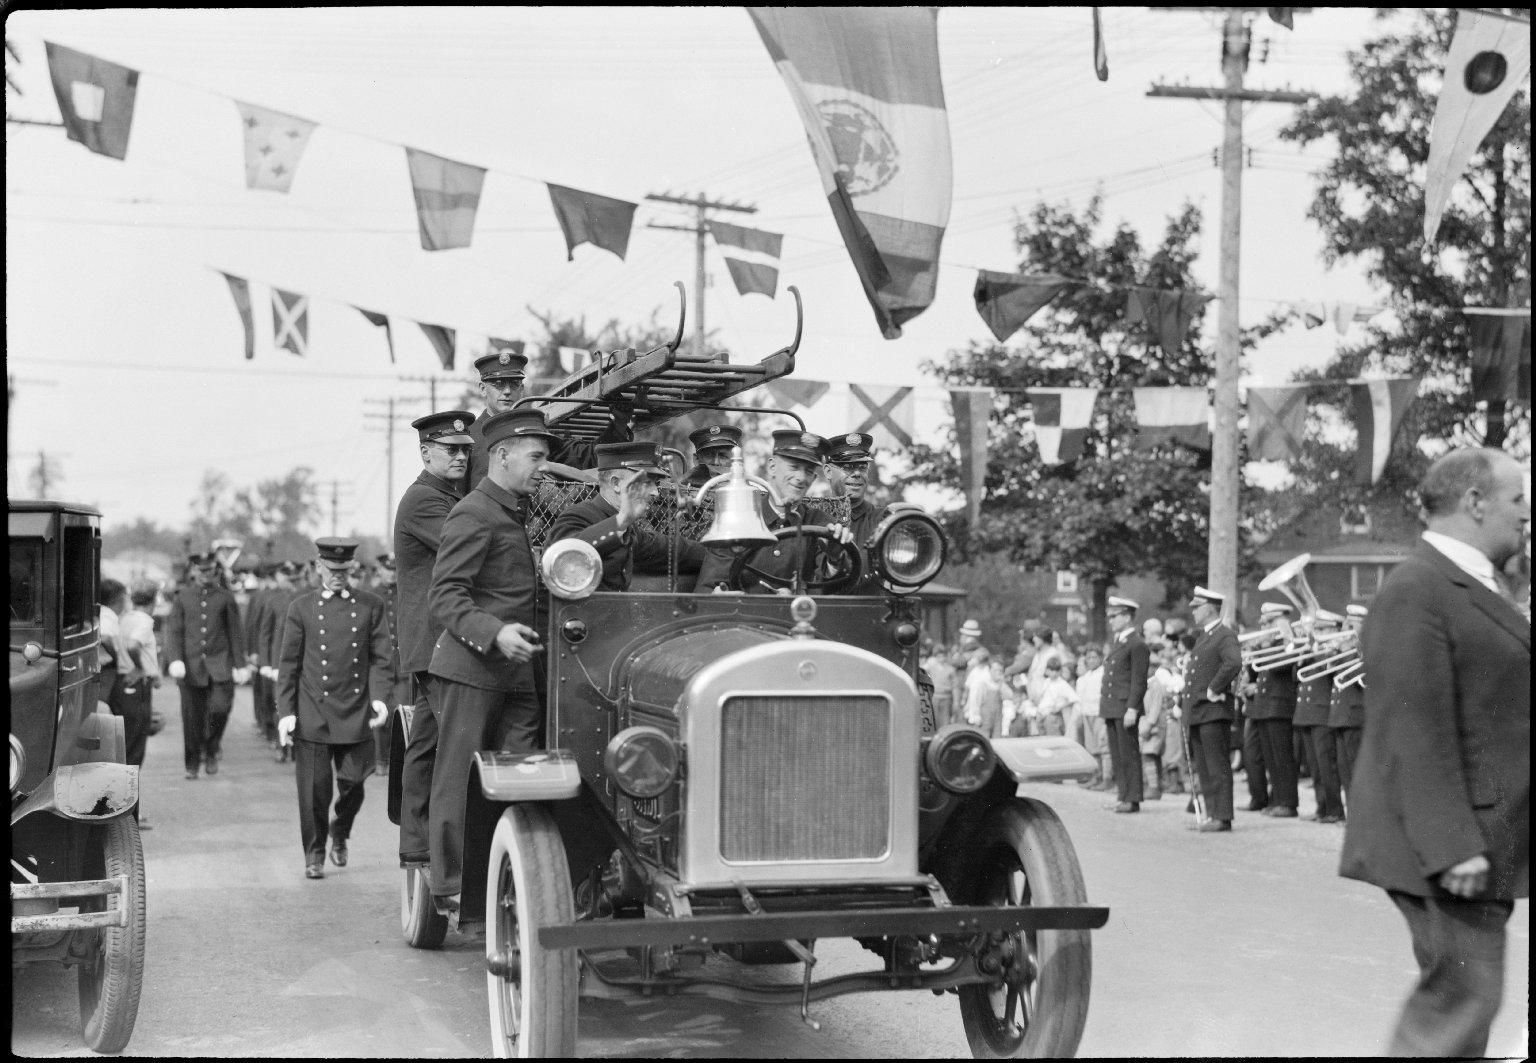 Процессия пожарной техники. Нью-Йорк, США. 1930 год